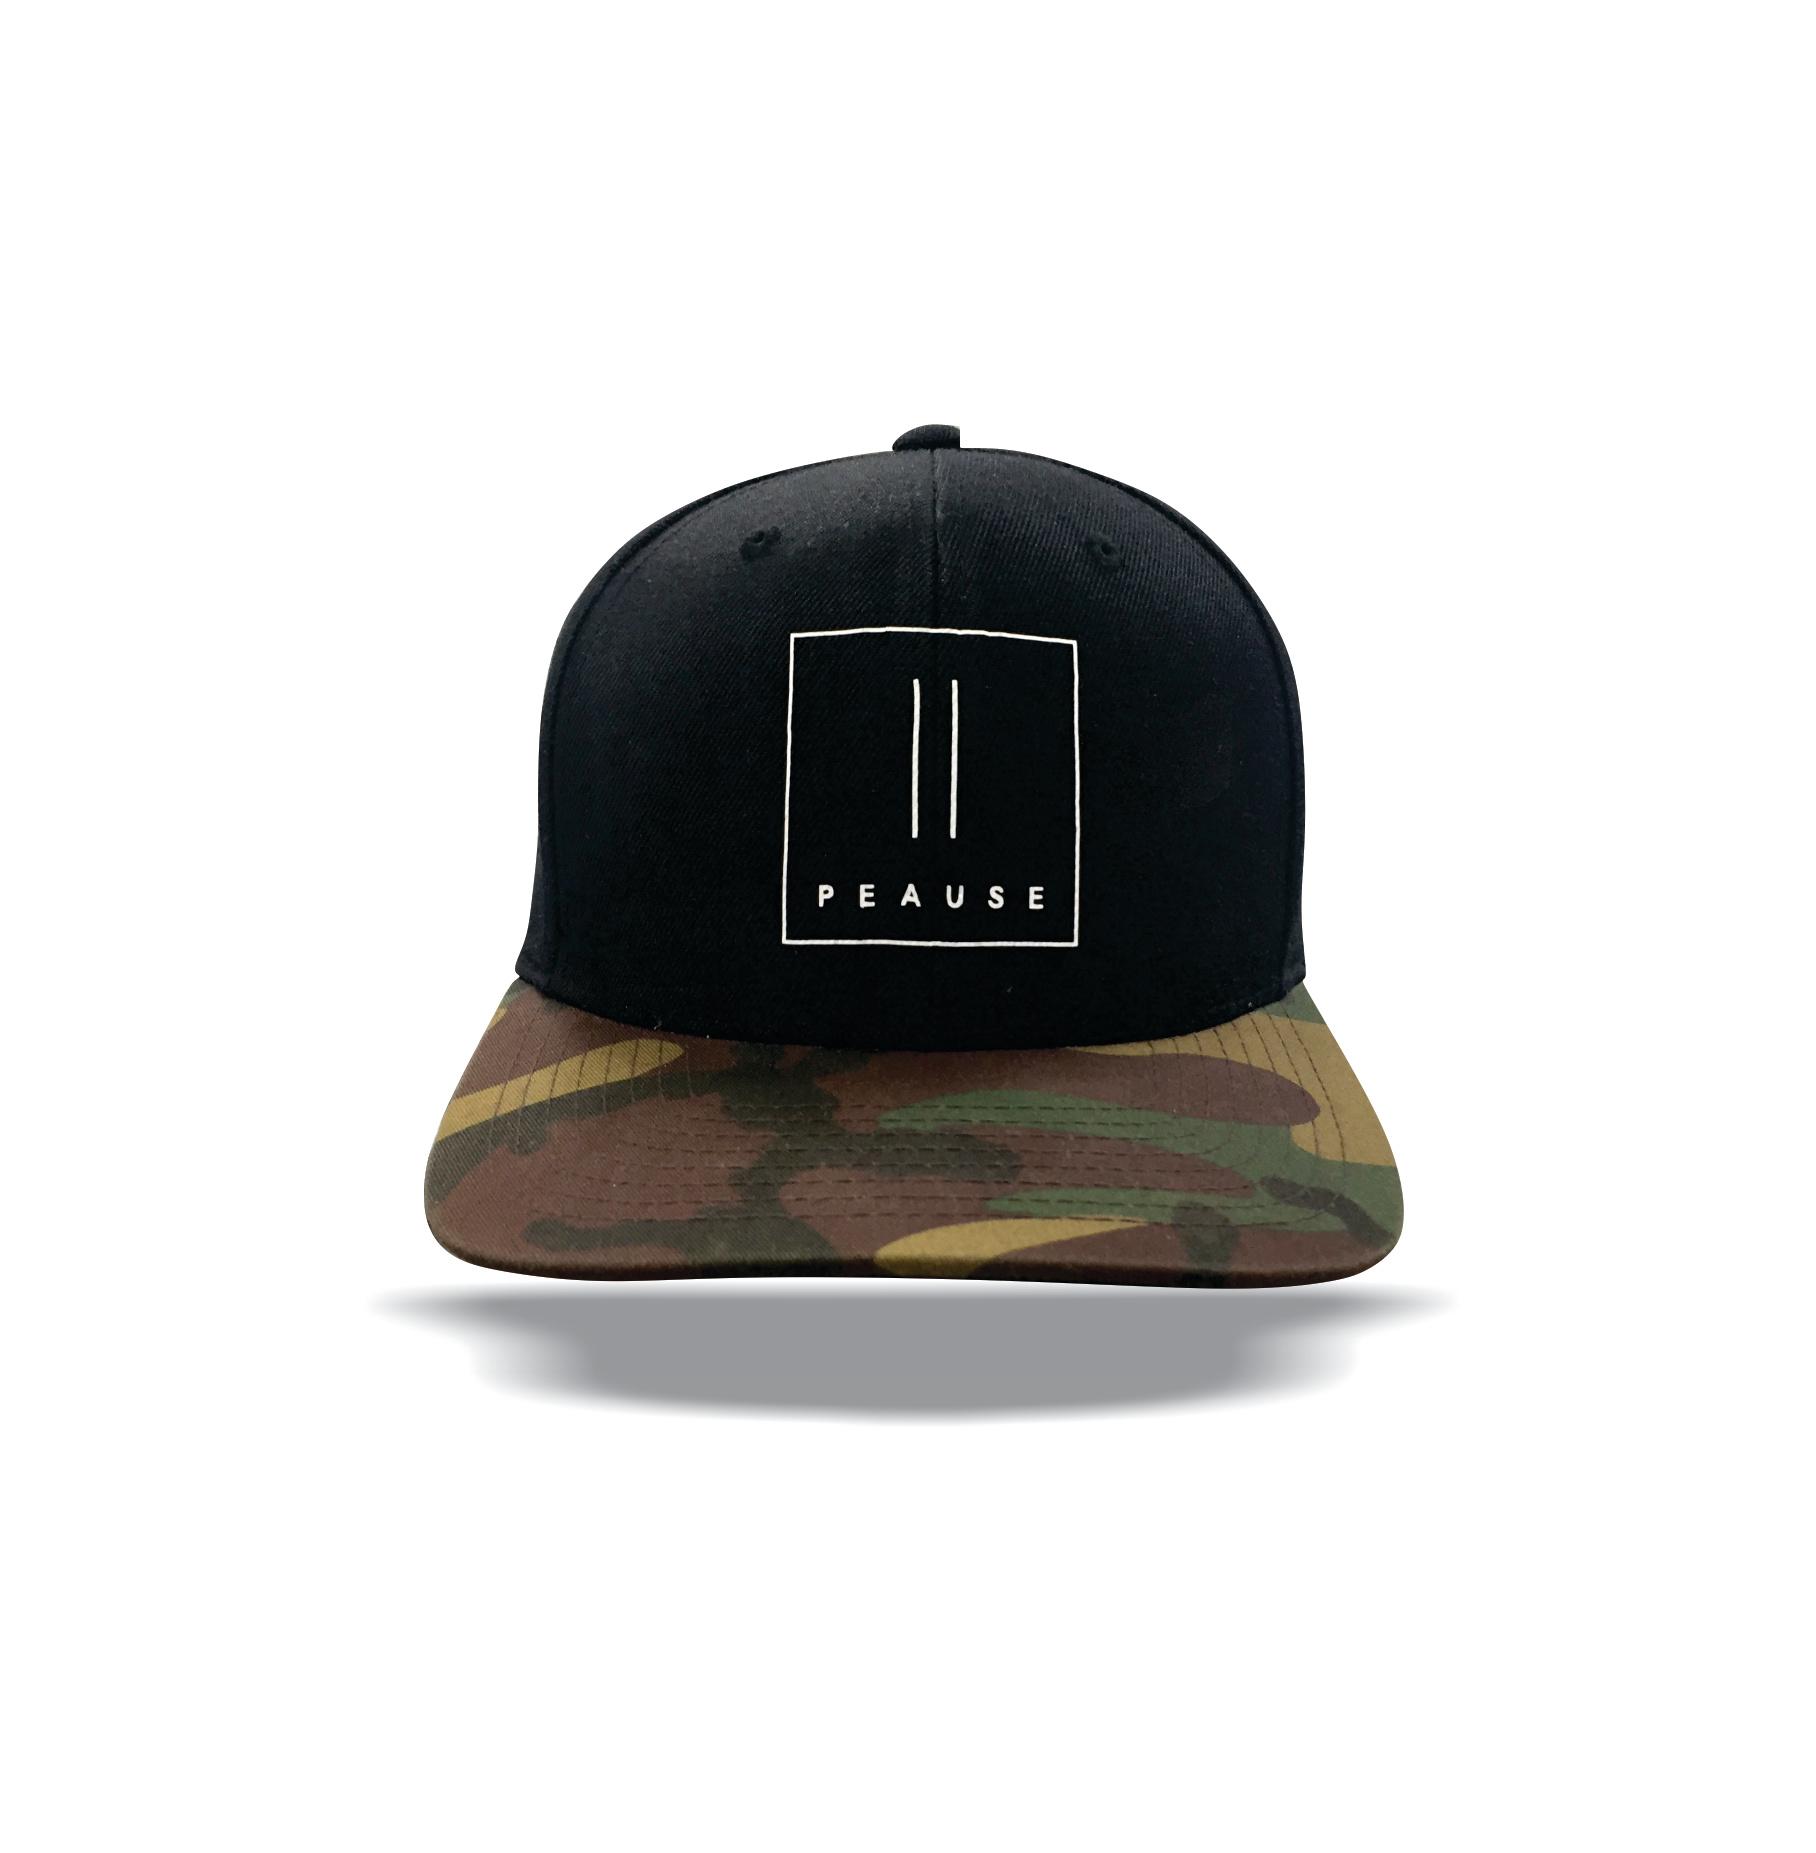 hatttt